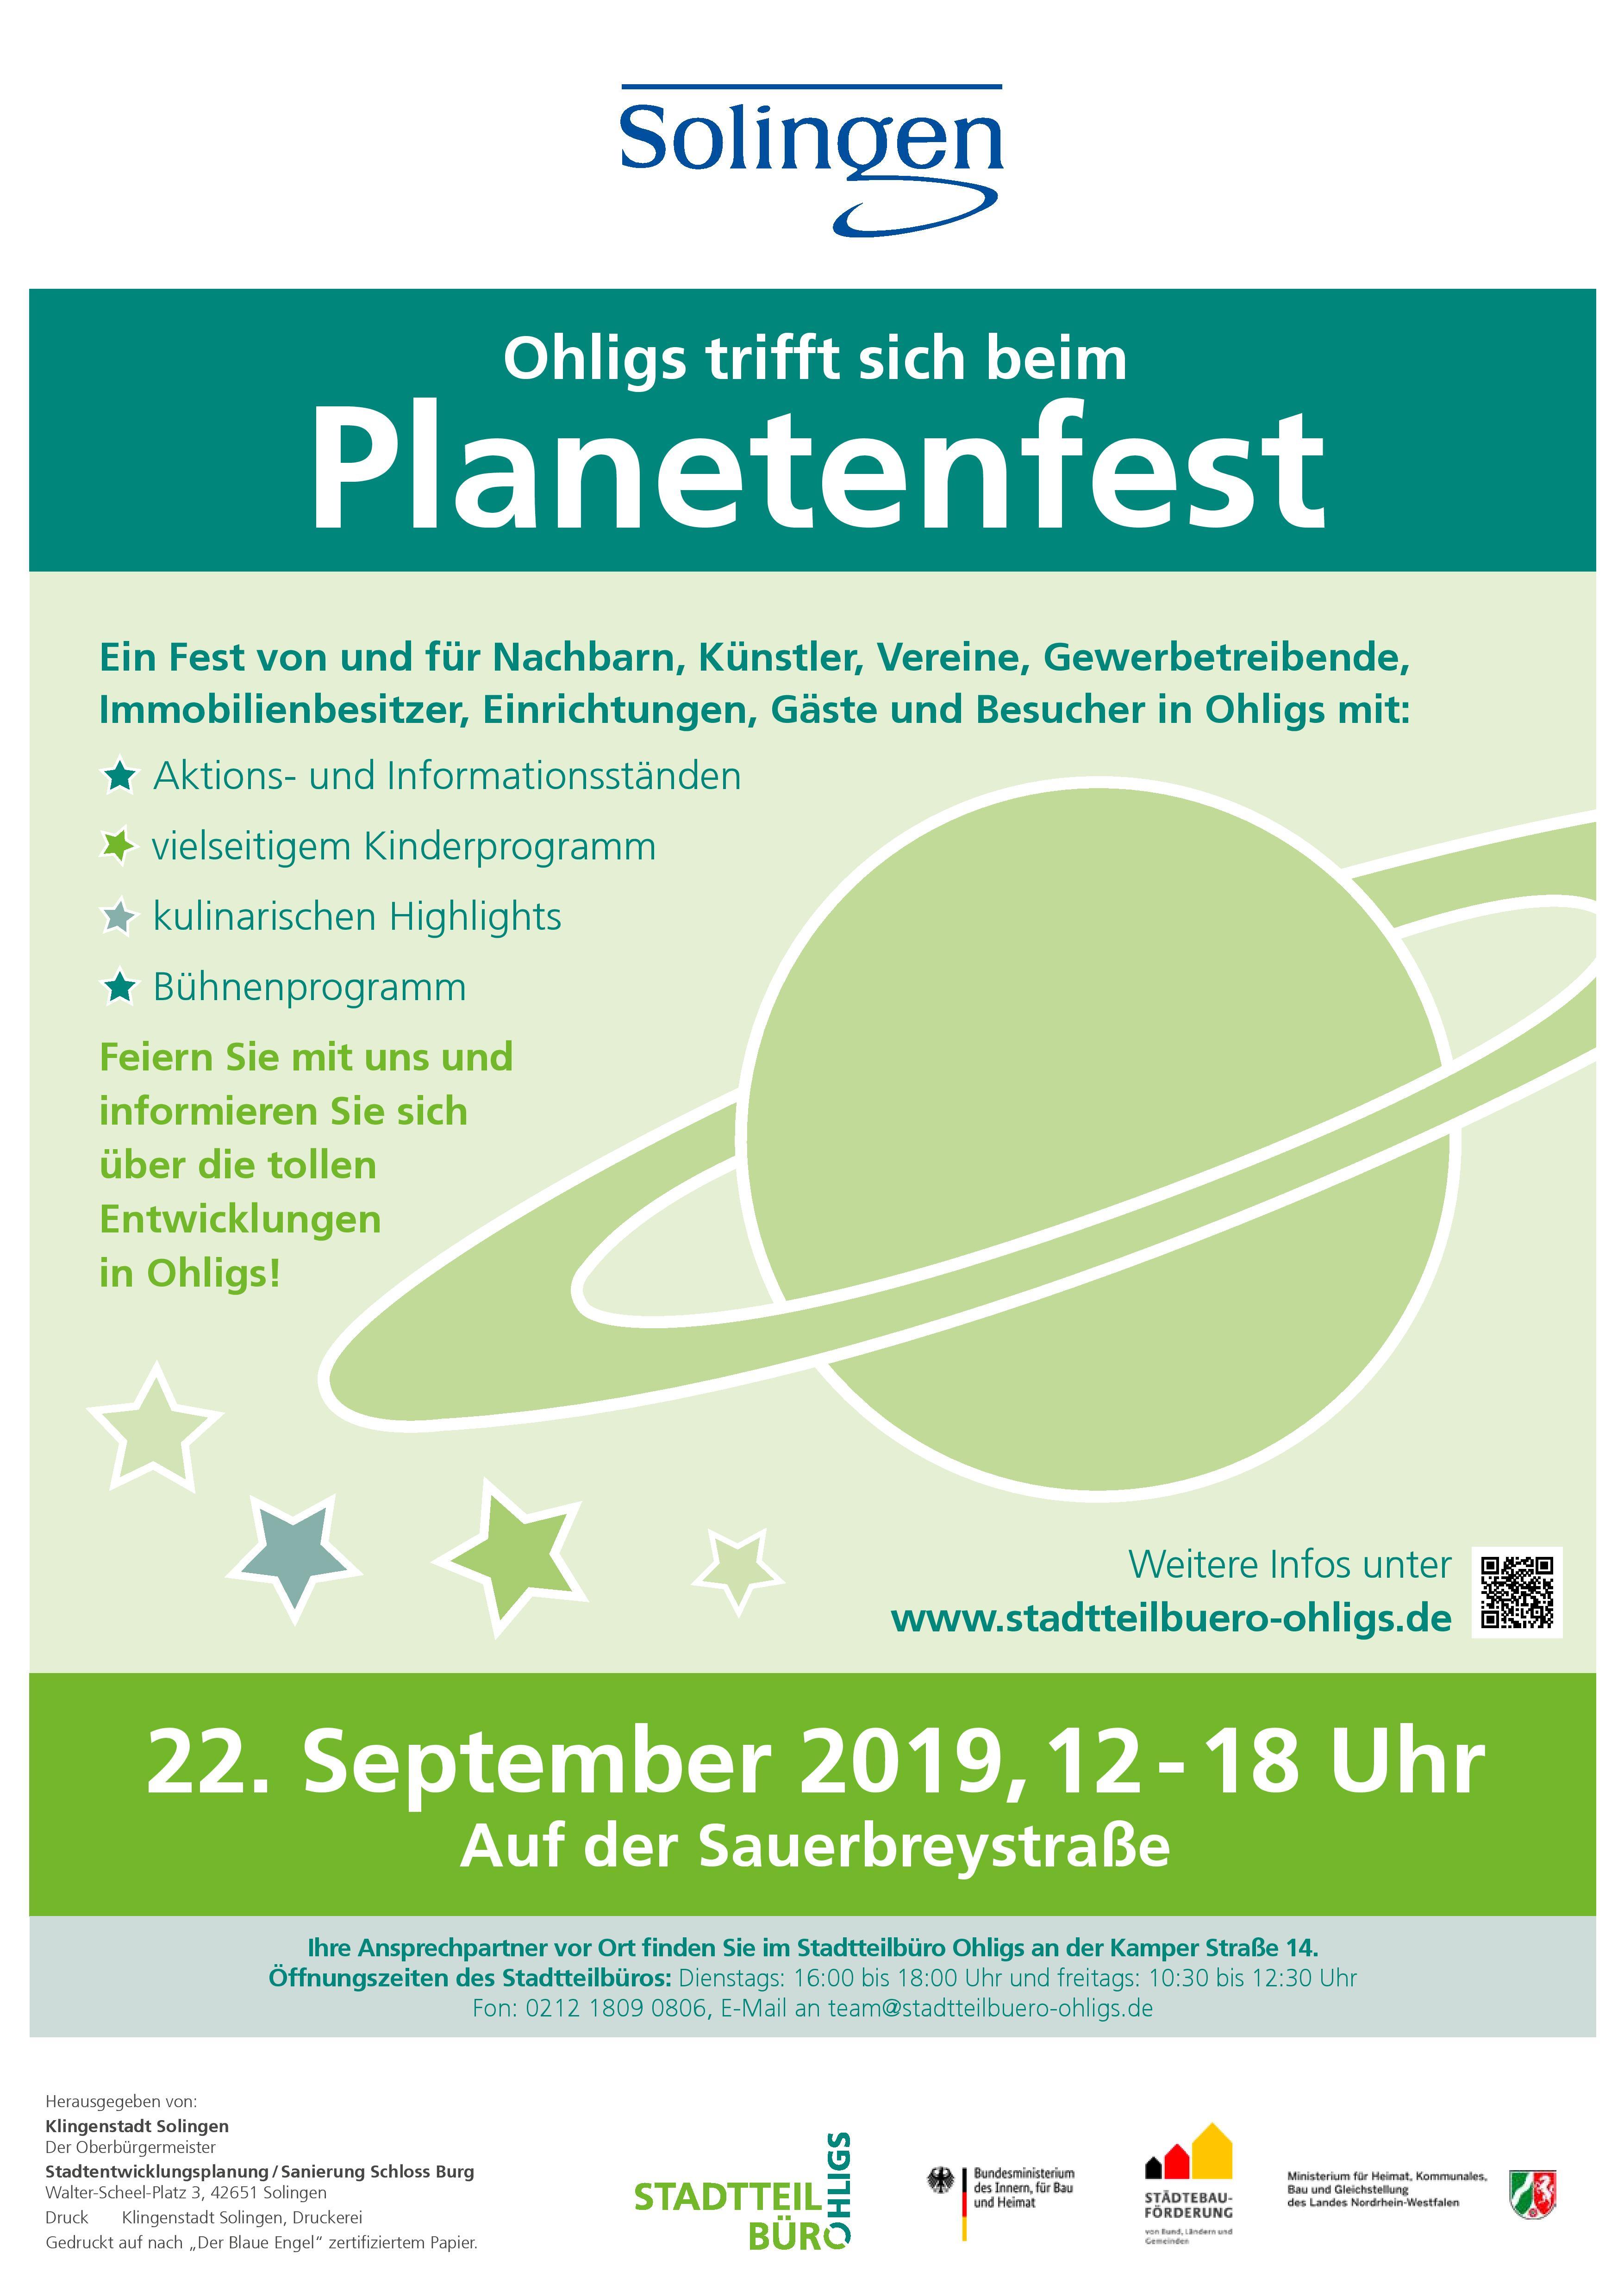 Ohligser Planetenfest am 22. September von 12 – 18 Uhr in der Sauerbreystraße